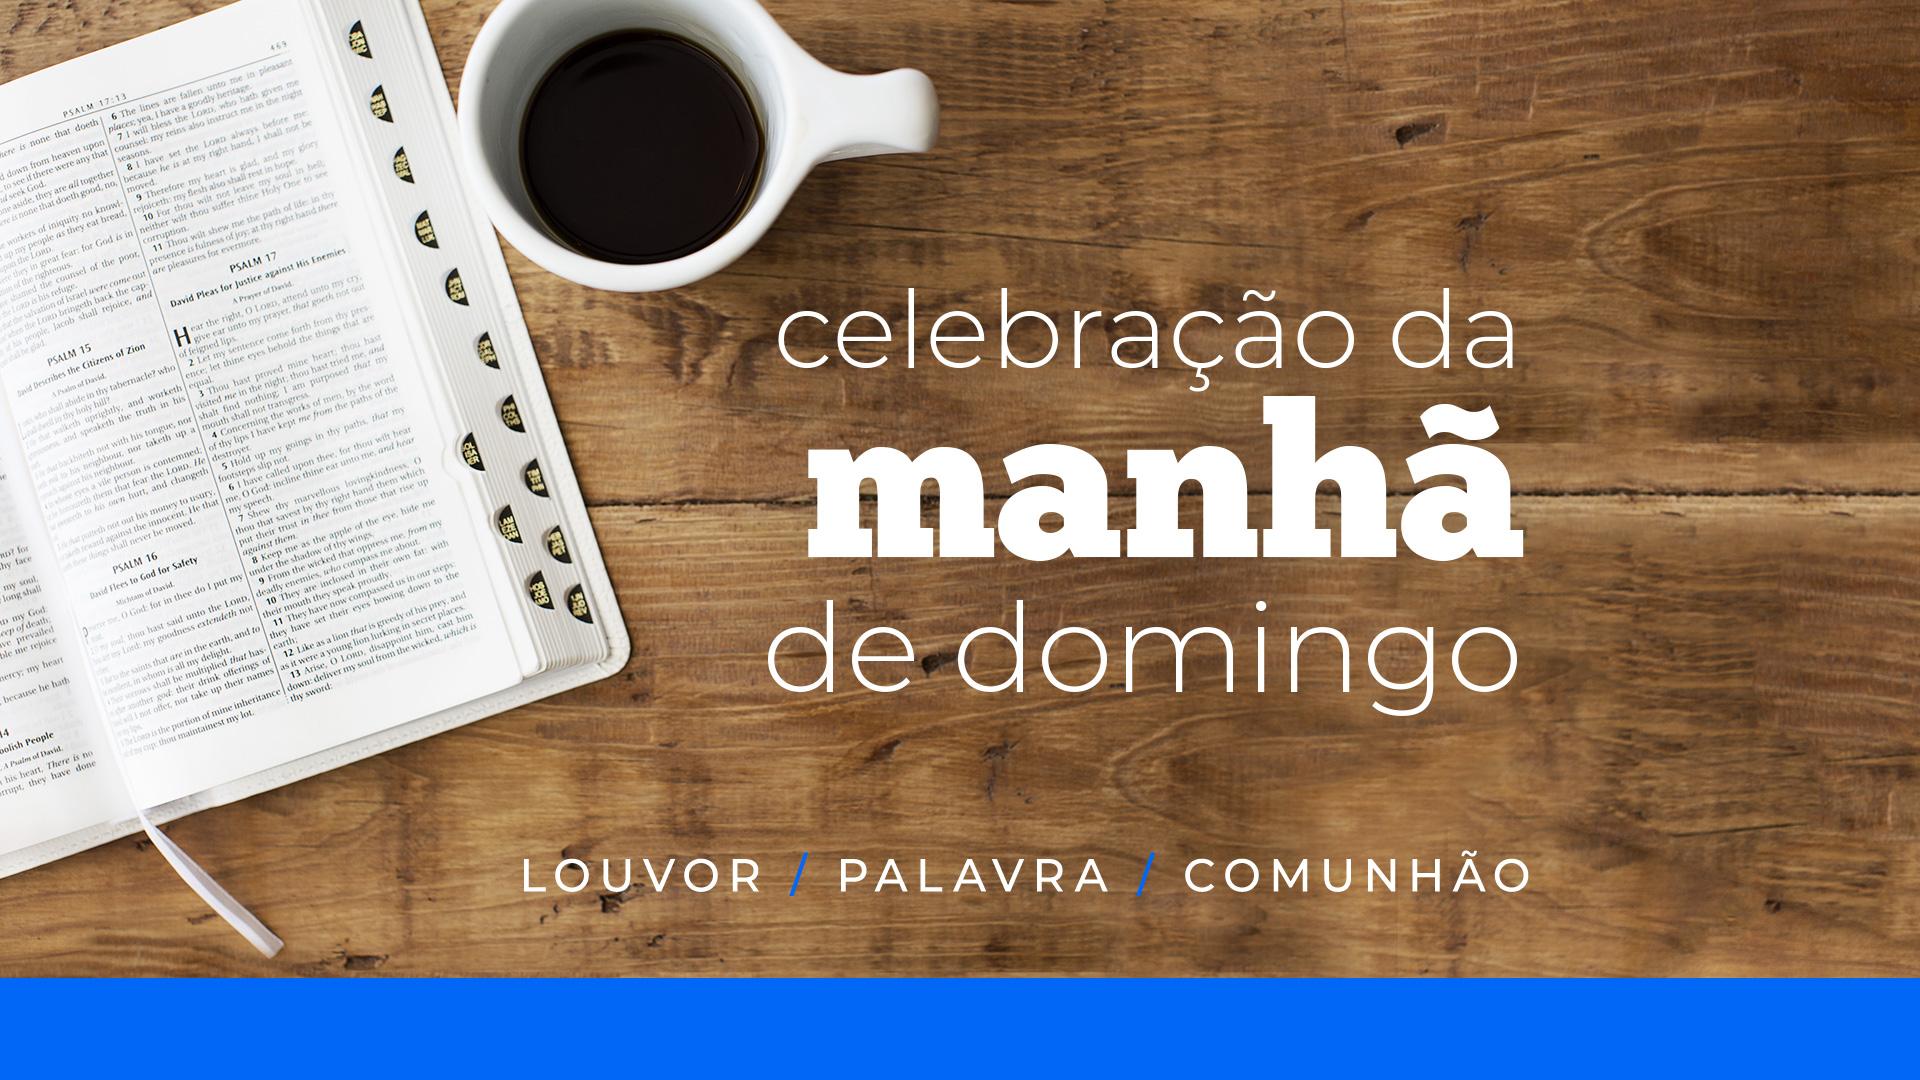 Bem-Vindo_Culto-da-Manha_1920x1080px_3